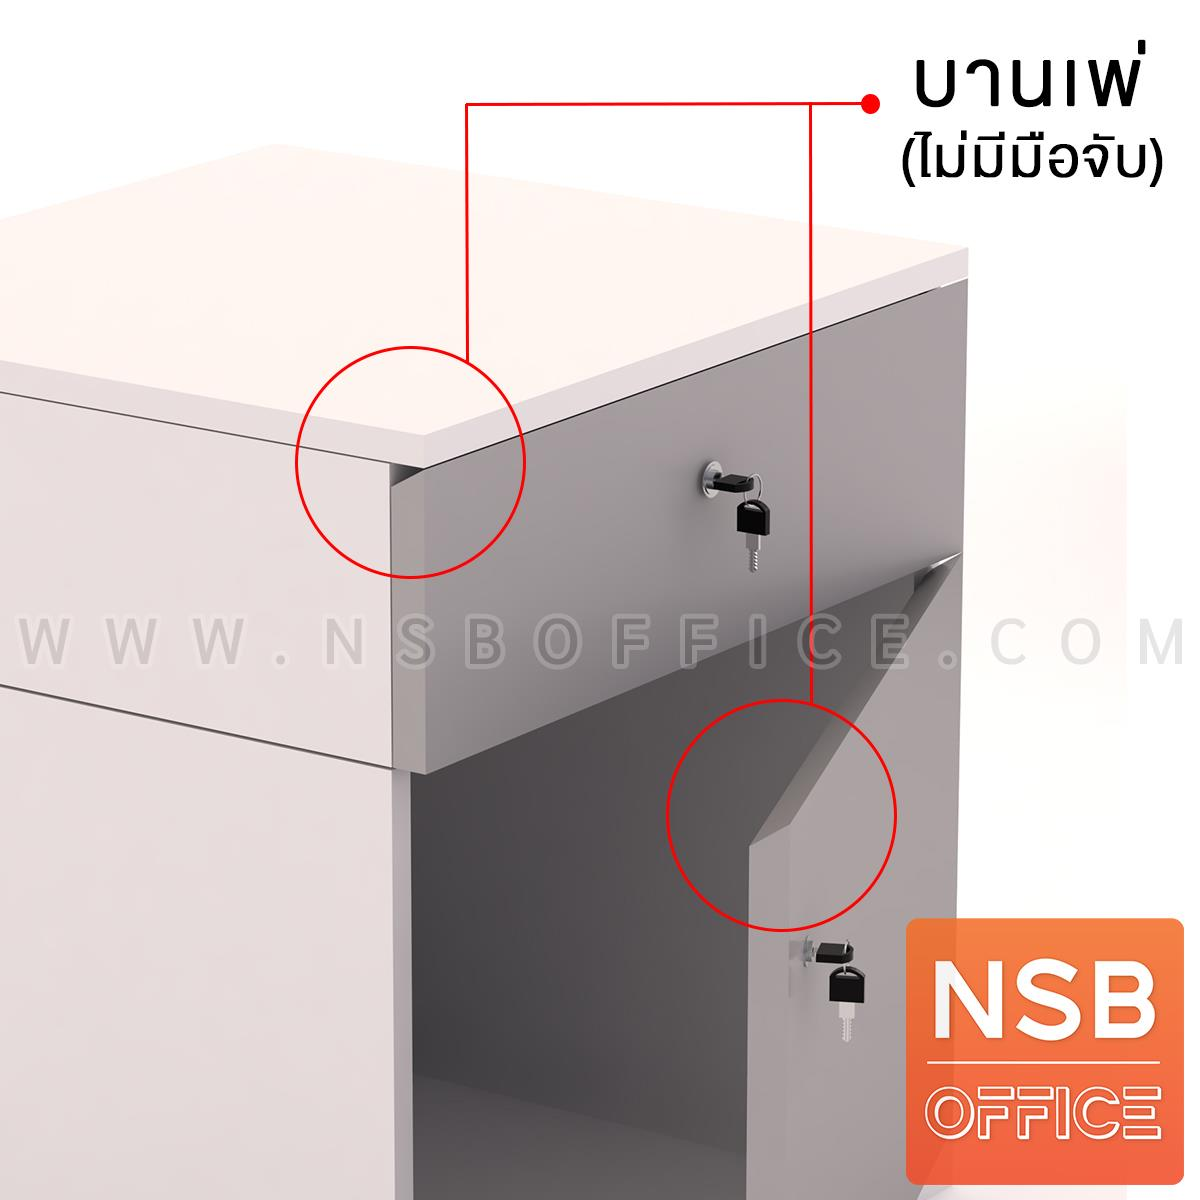 ตู้ครอบเซฟบานเพ่ (แนวตั้ง) 2 บานเปิด รุ่น Florbel (ฟลอเบลล์)  ขนาด 70W*70D*110H cm สำหรับตู้เซฟน้ำหนัก 168 กก.